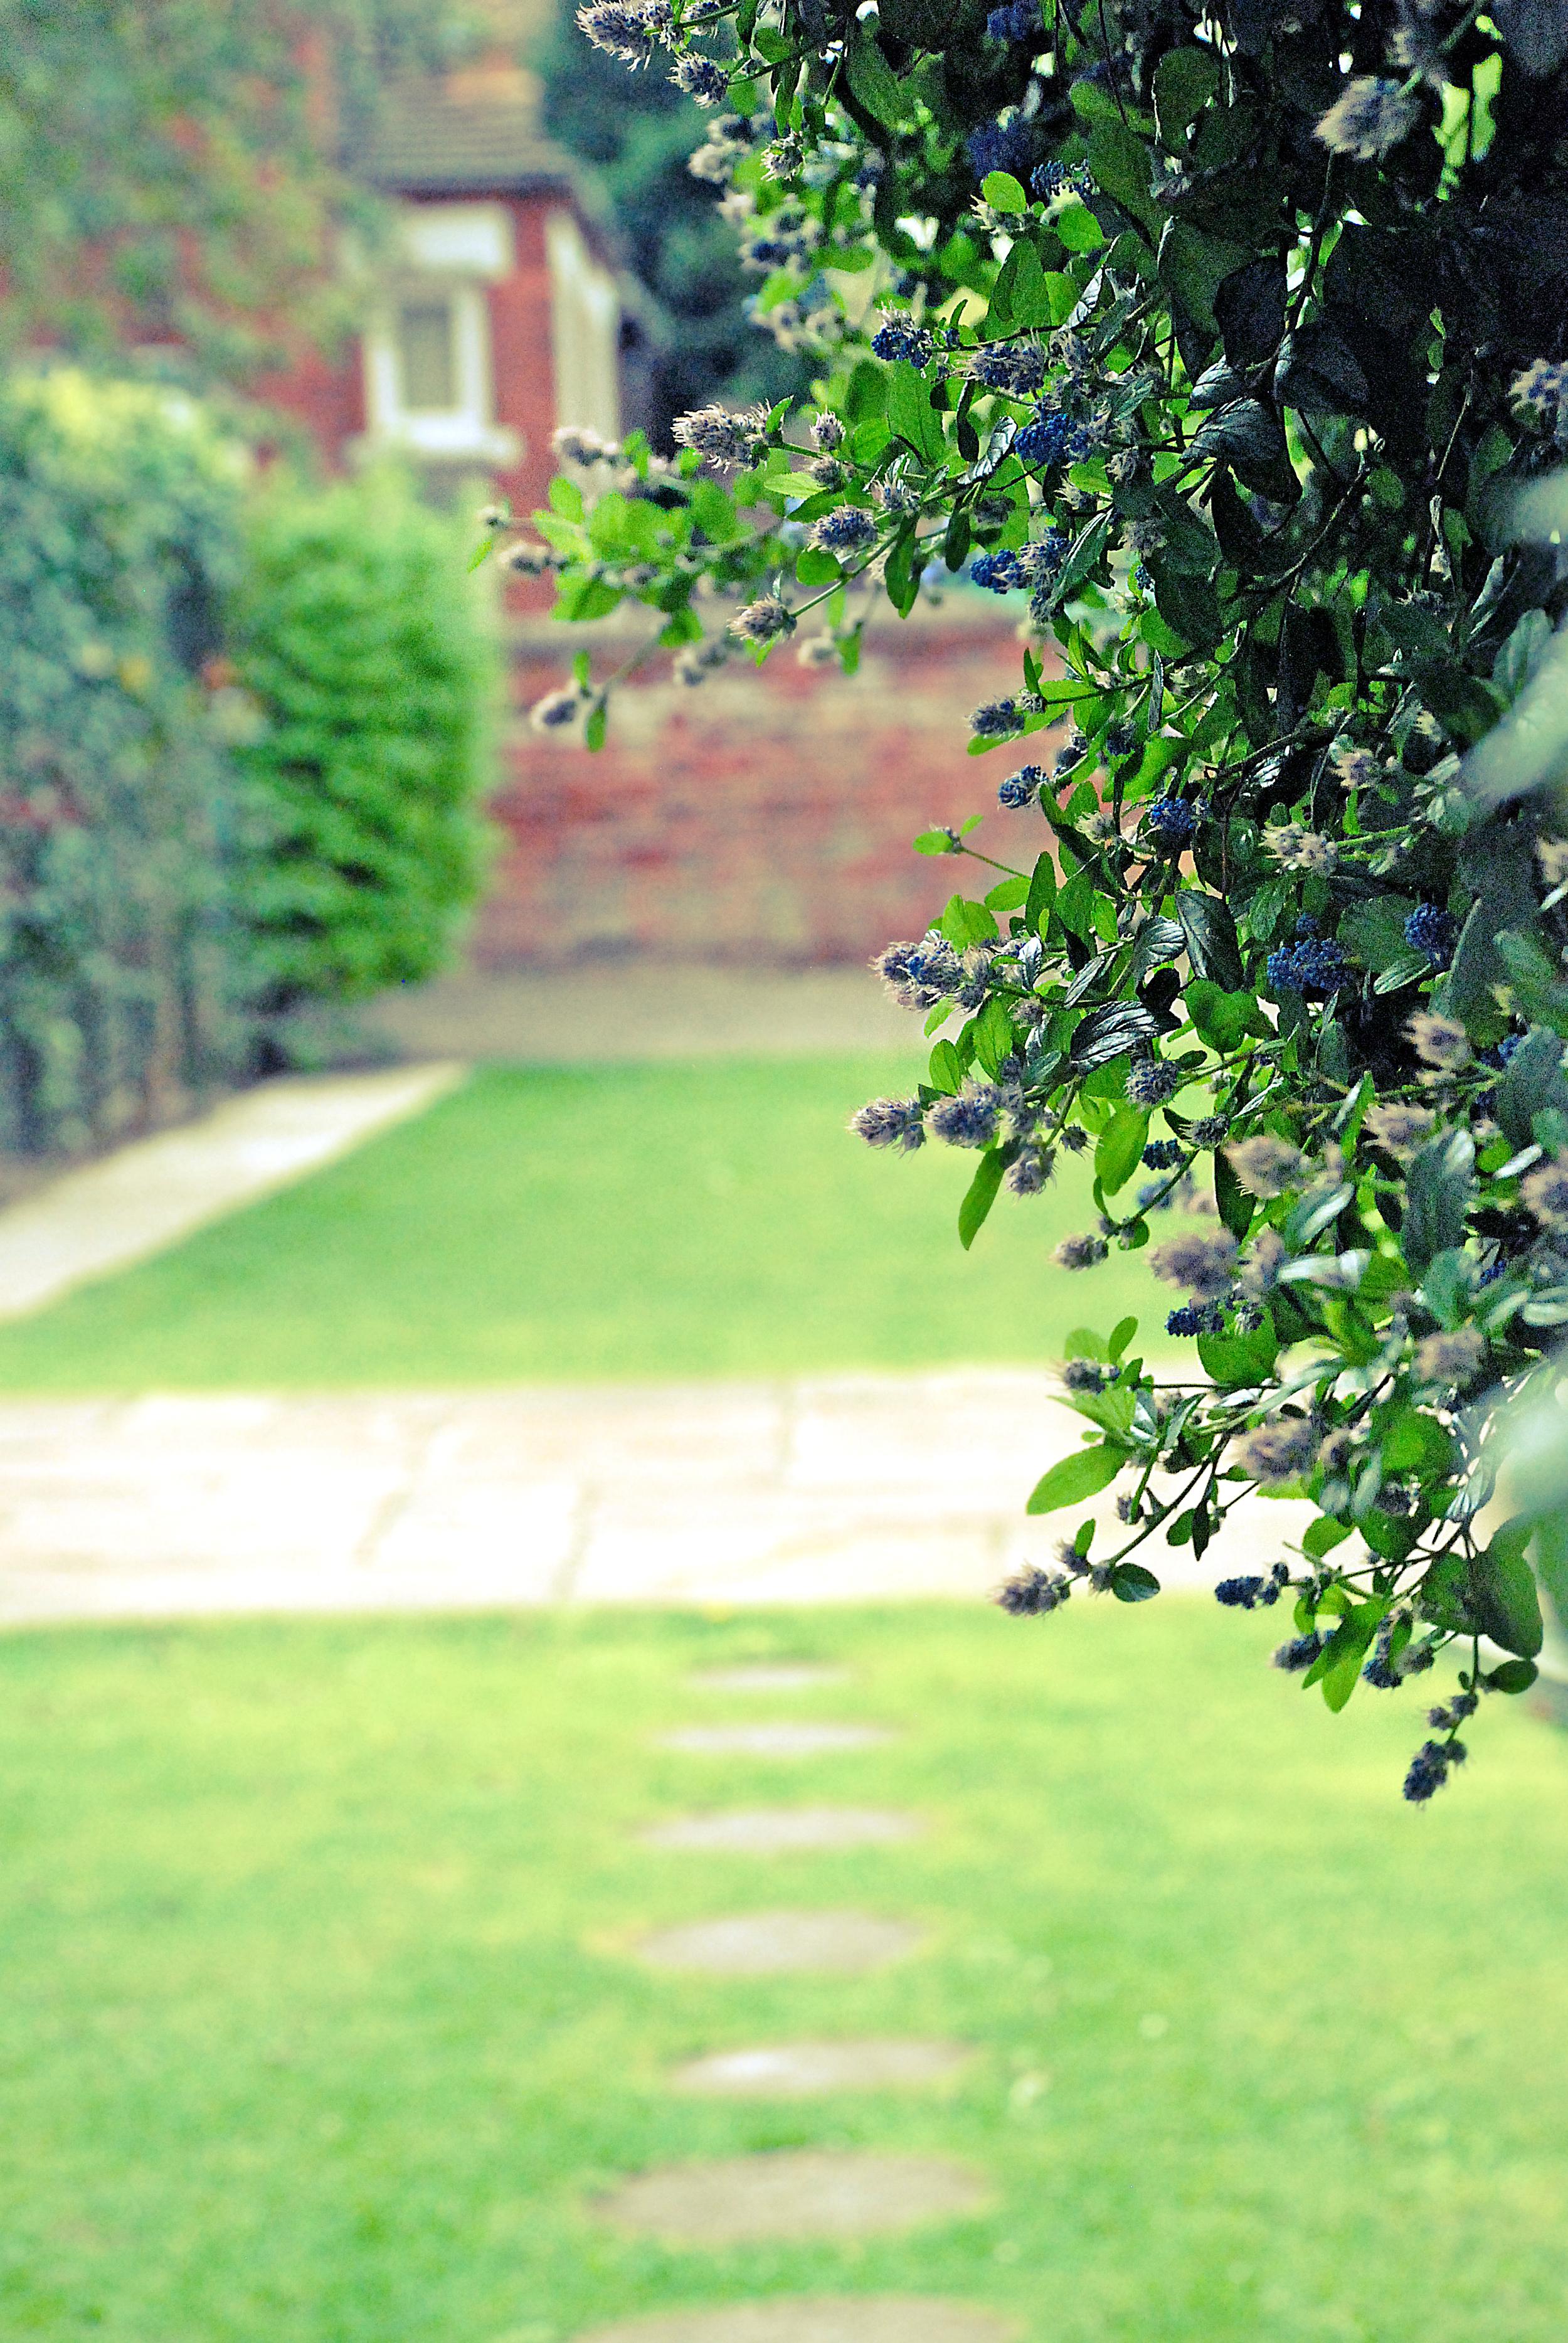 Richmand House, Residential Home Garden